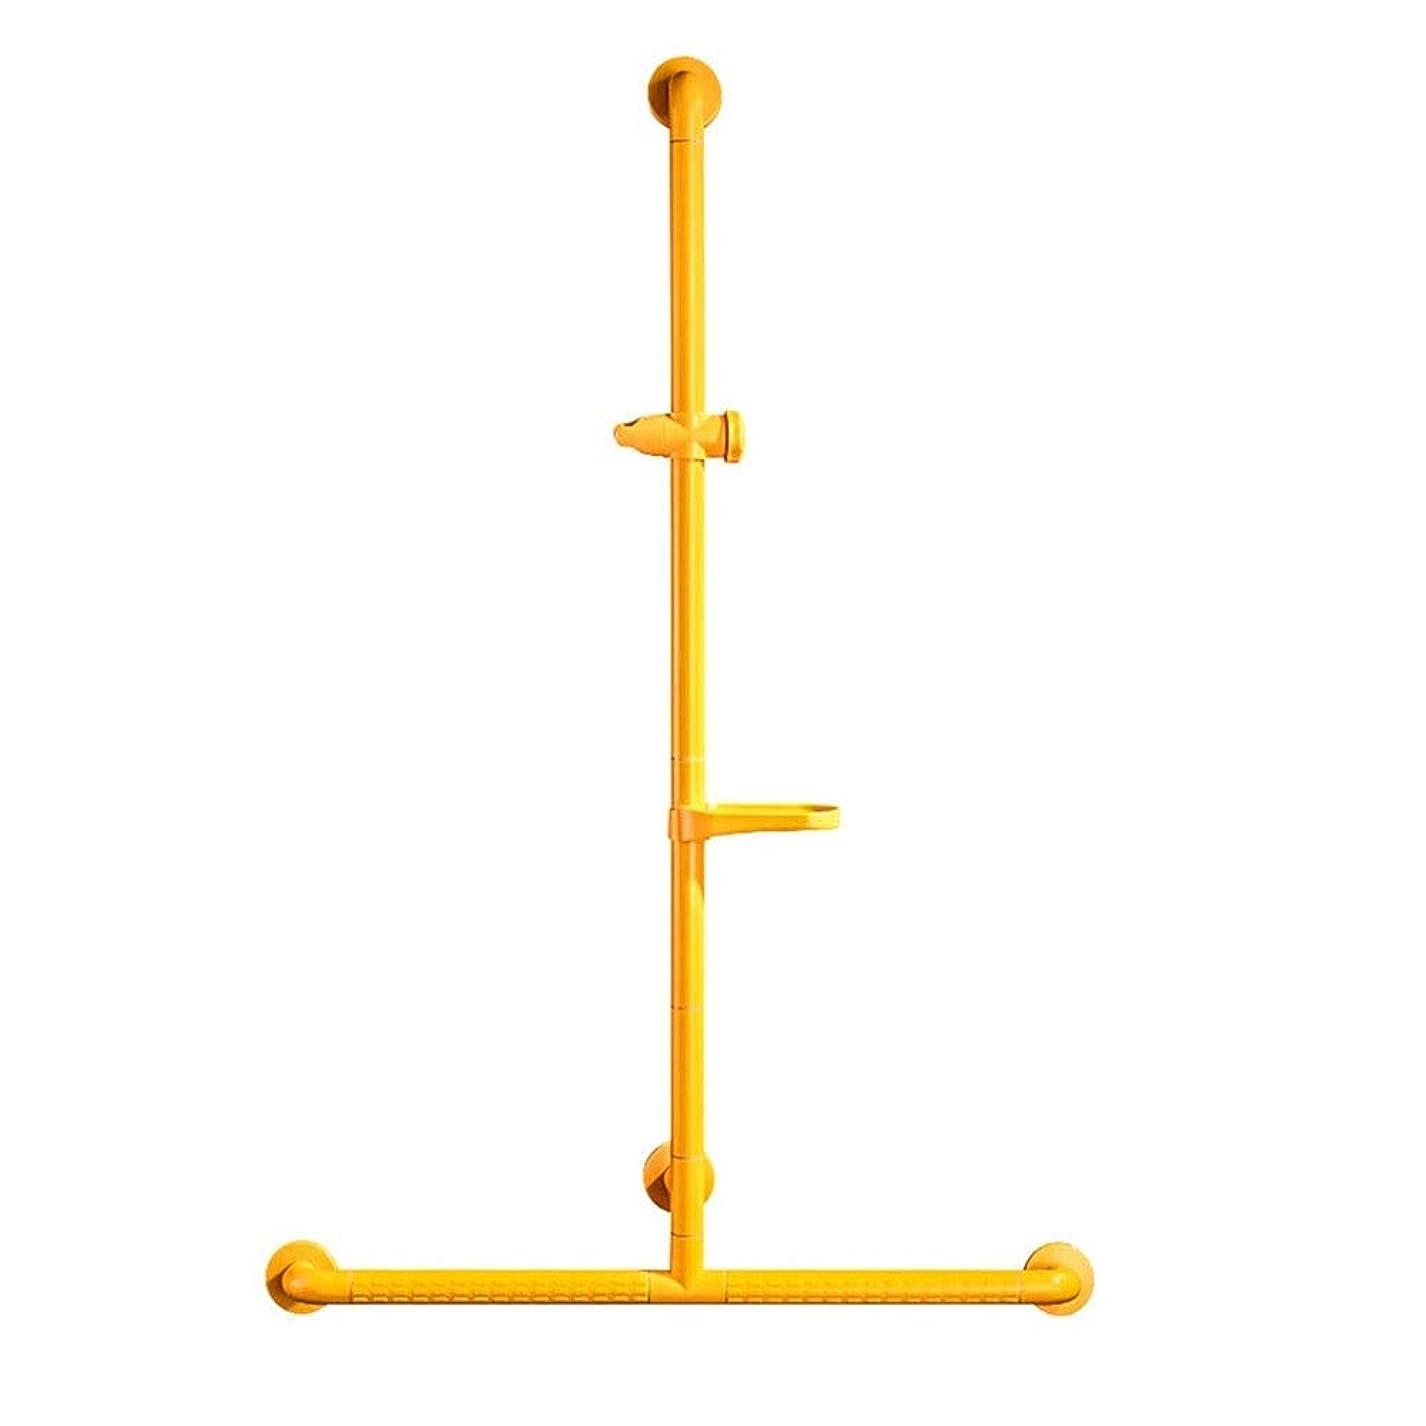 ロゴカーペット中央浴室ステンレス鋼安全ノンスリップ手すり、バーバースアンチ秋高齢者、障害を持つユーザーのためにラックバスルームの援助を持ち上げます 66GSB (Color : Yellow)